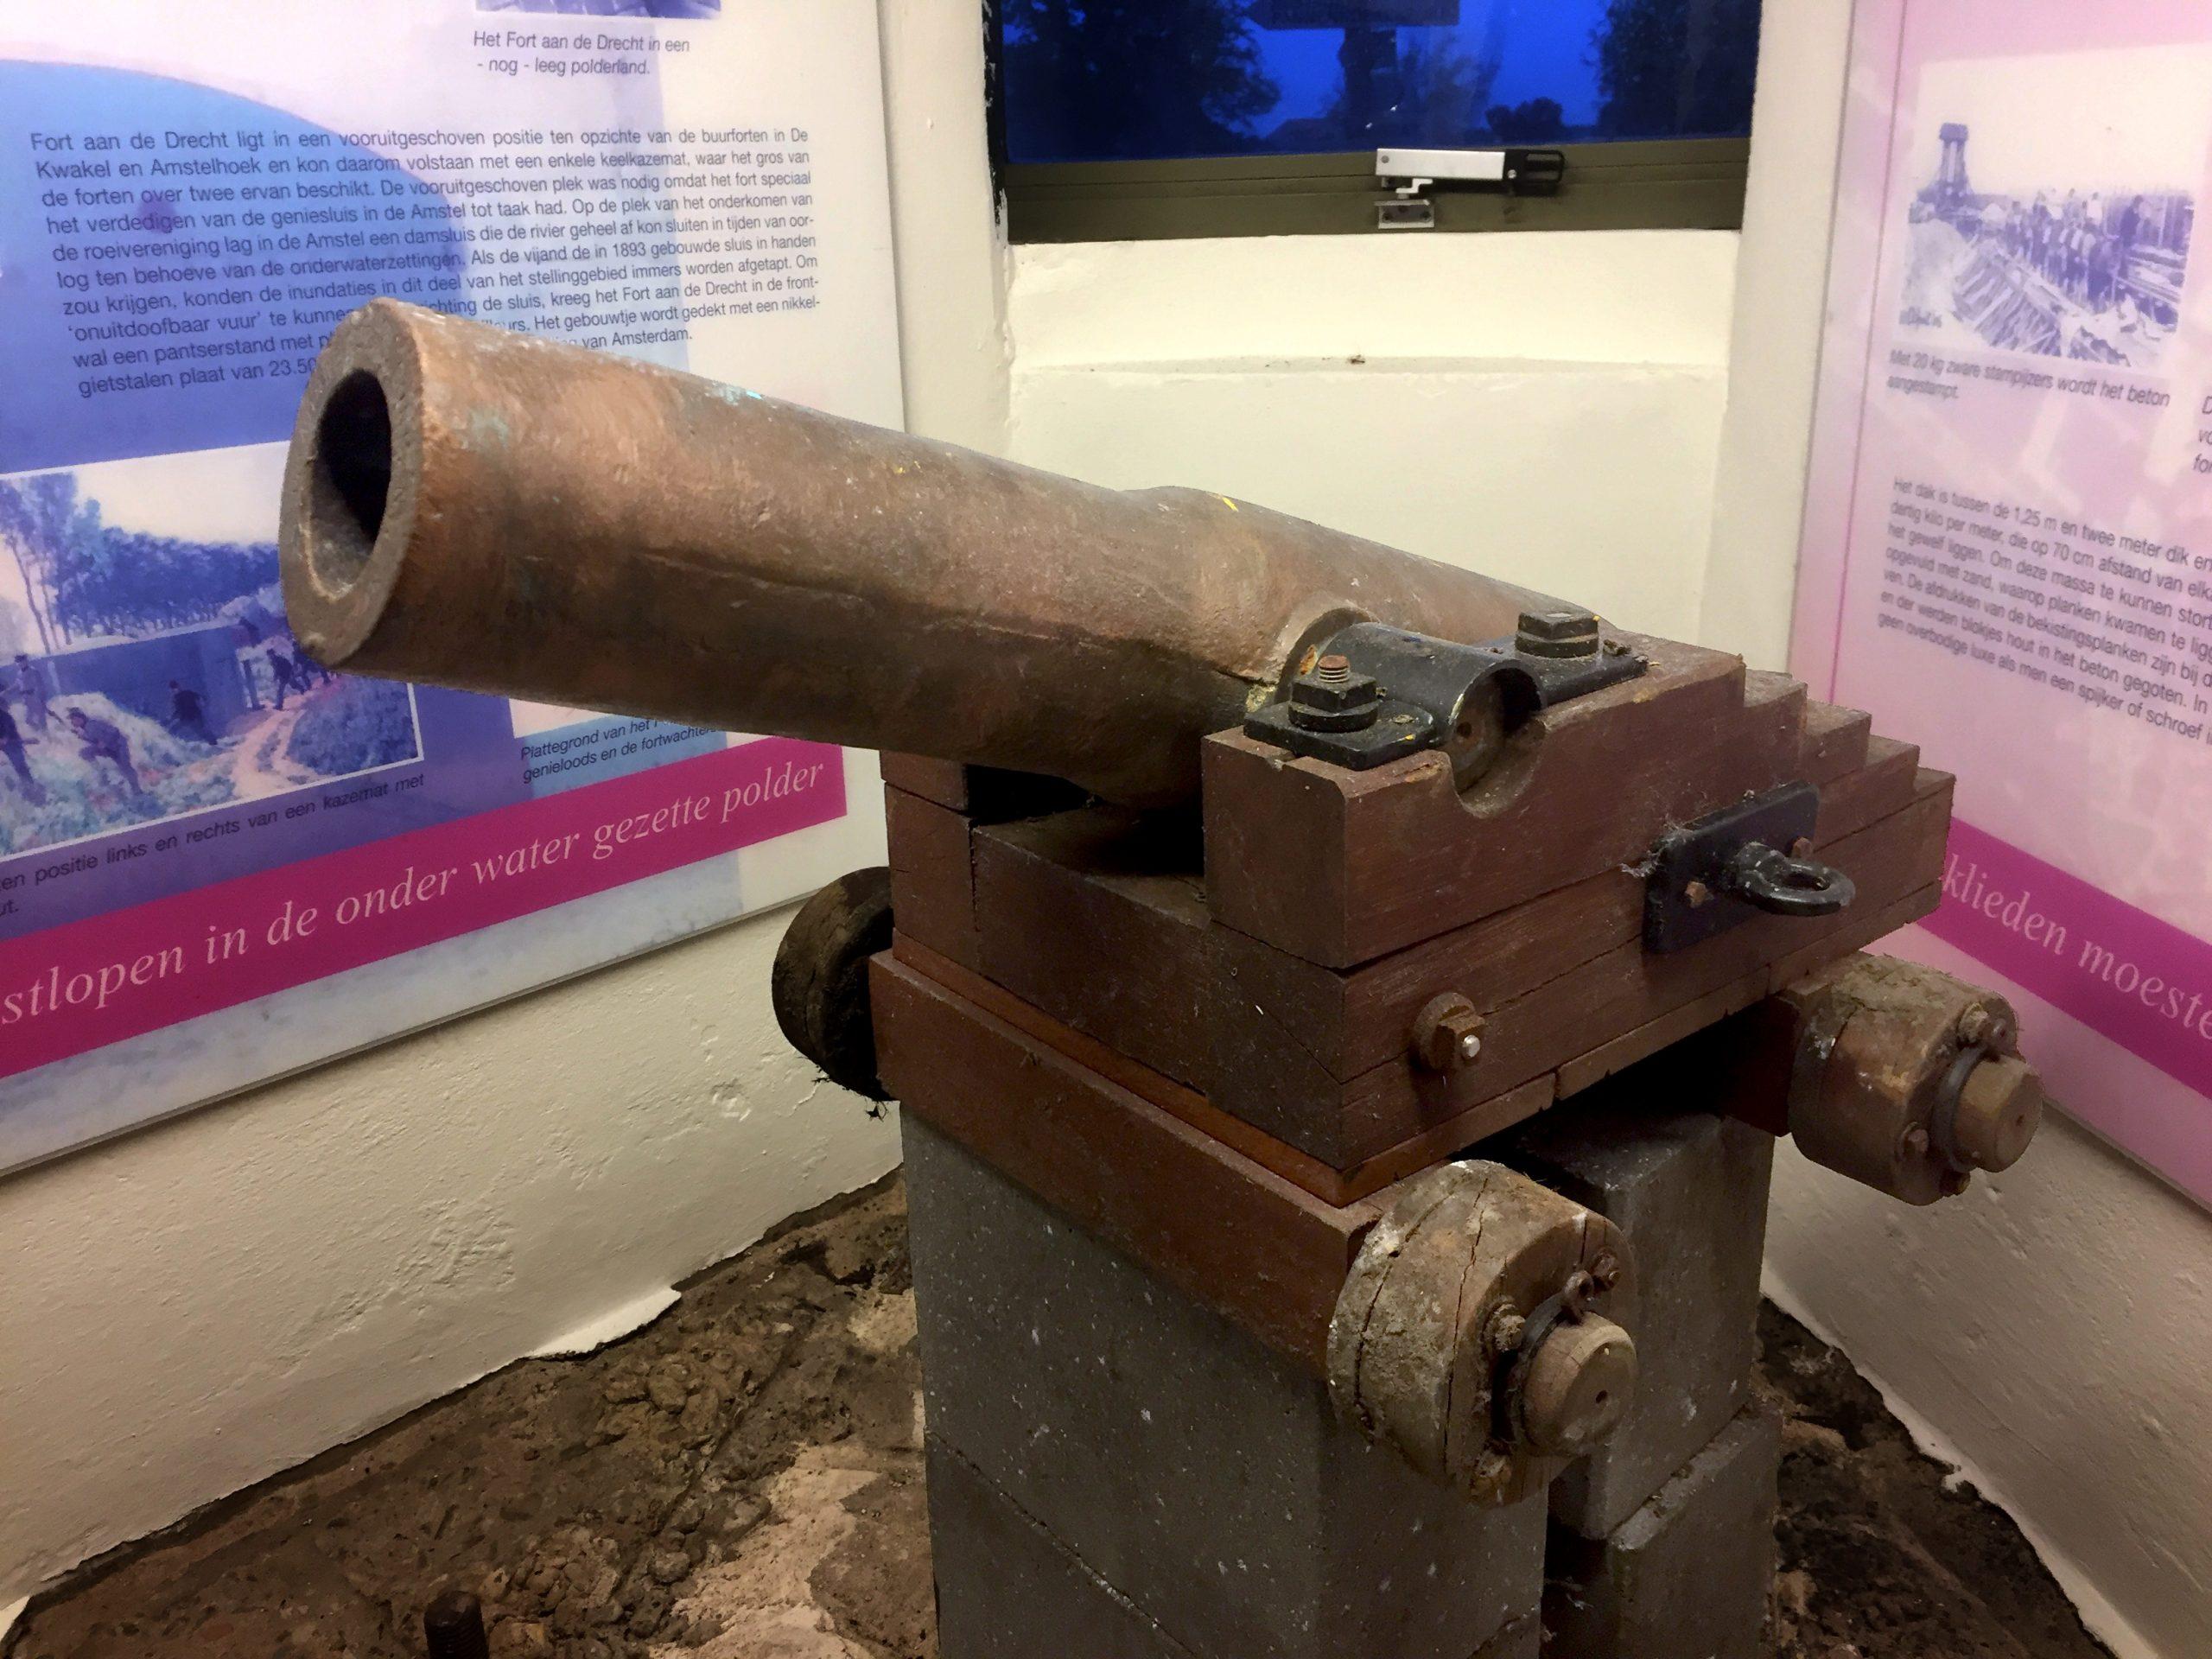 Kanon op Fort aan de Drecht - Liniebreed